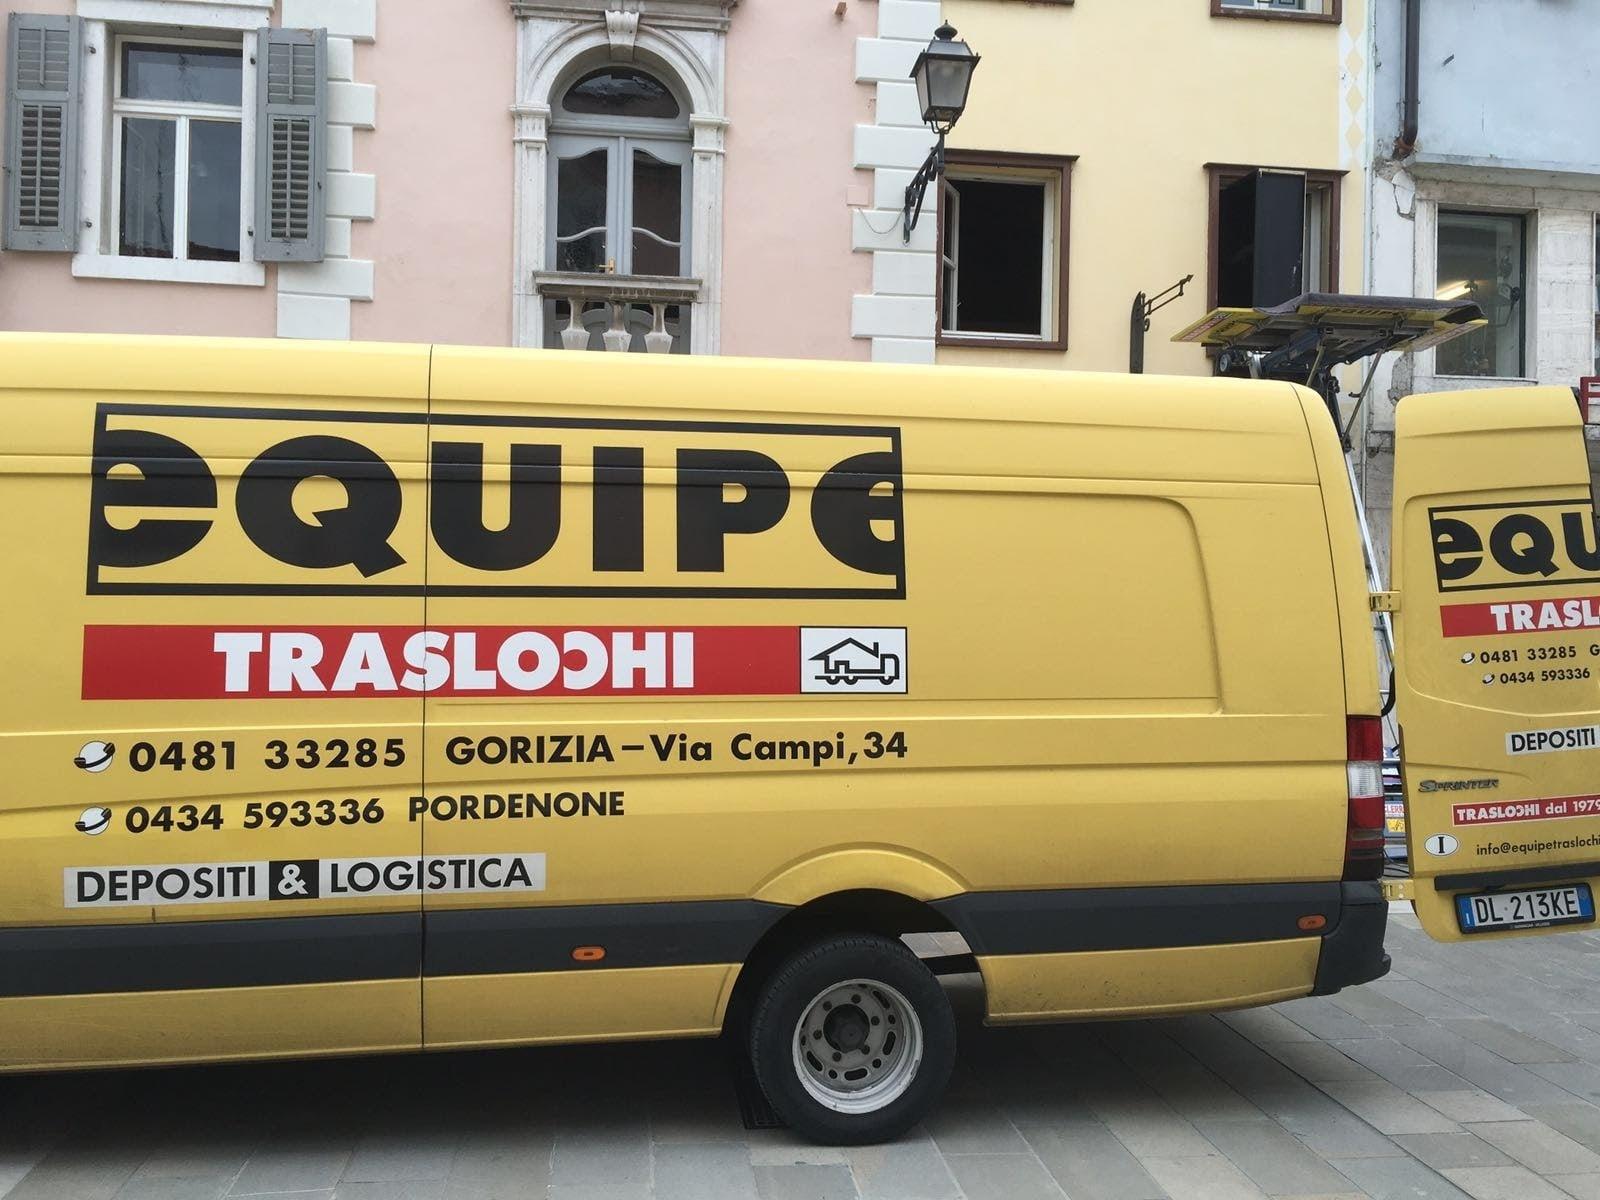 Le migliori 20 imprese di sgombero a Udine (con preventivi gratuiti)